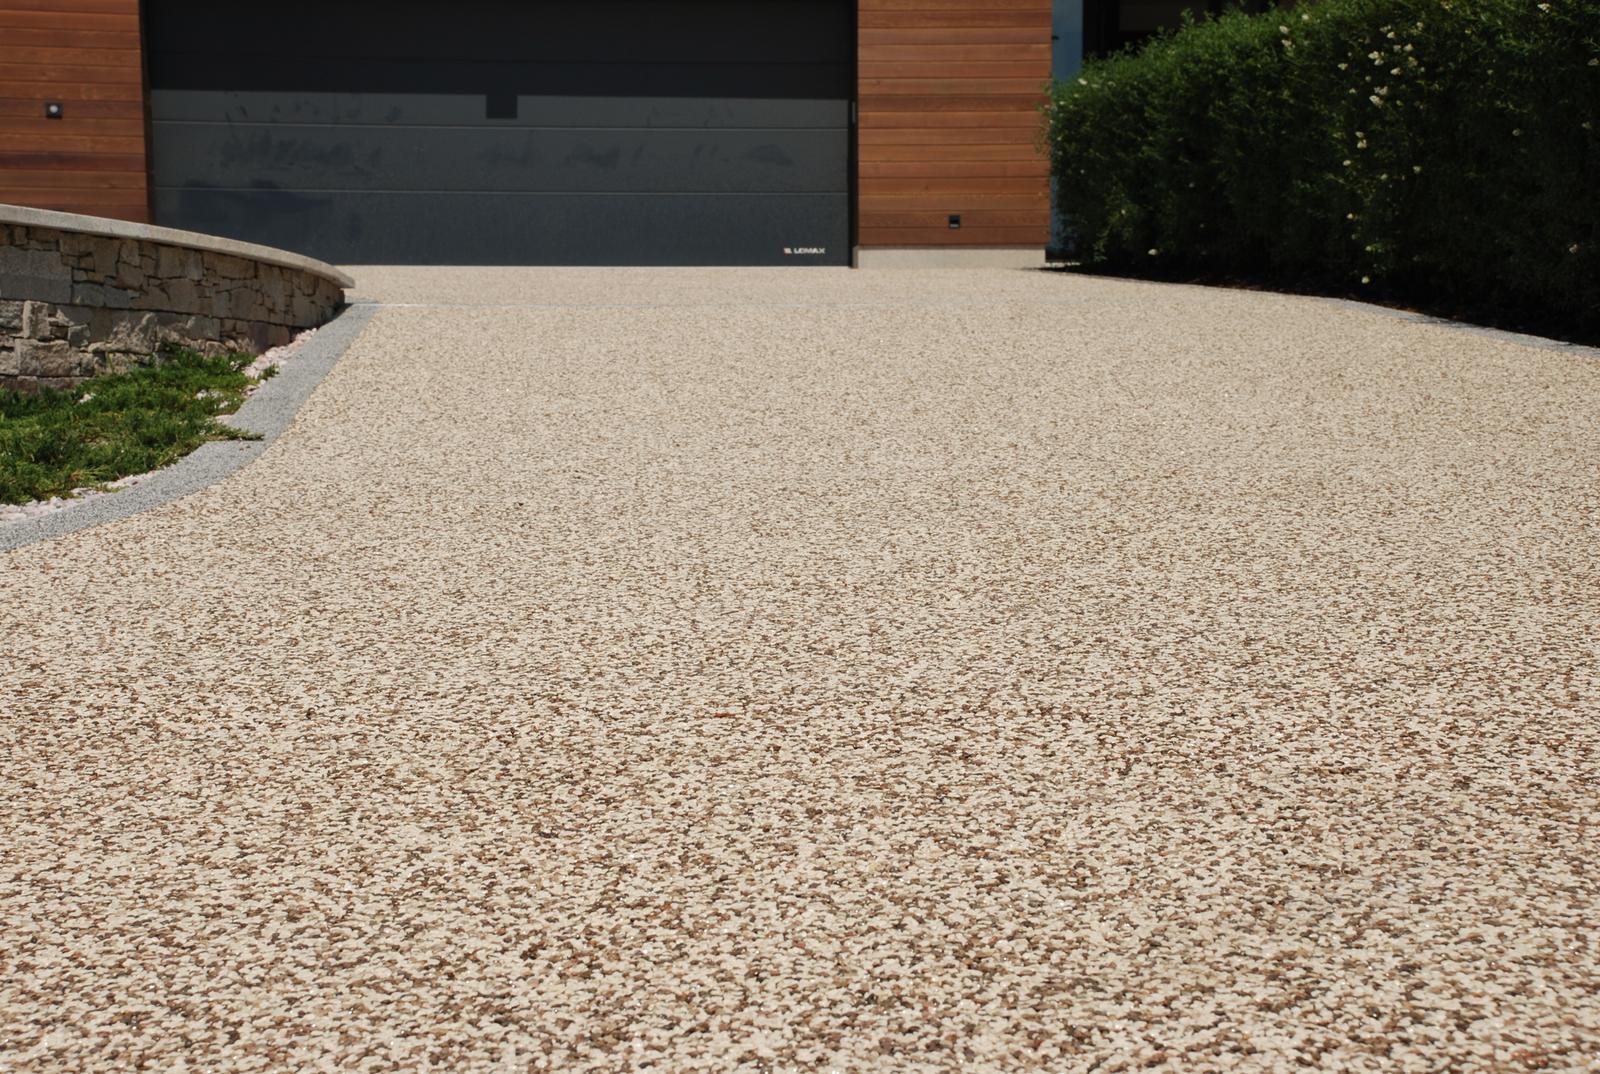 Kamínkový chodníček CHS EPODUR STONE - možnosti desénů a tvarů - Moderní vzhled kamenného chodníku s materiálem CHS EPODUR STONE